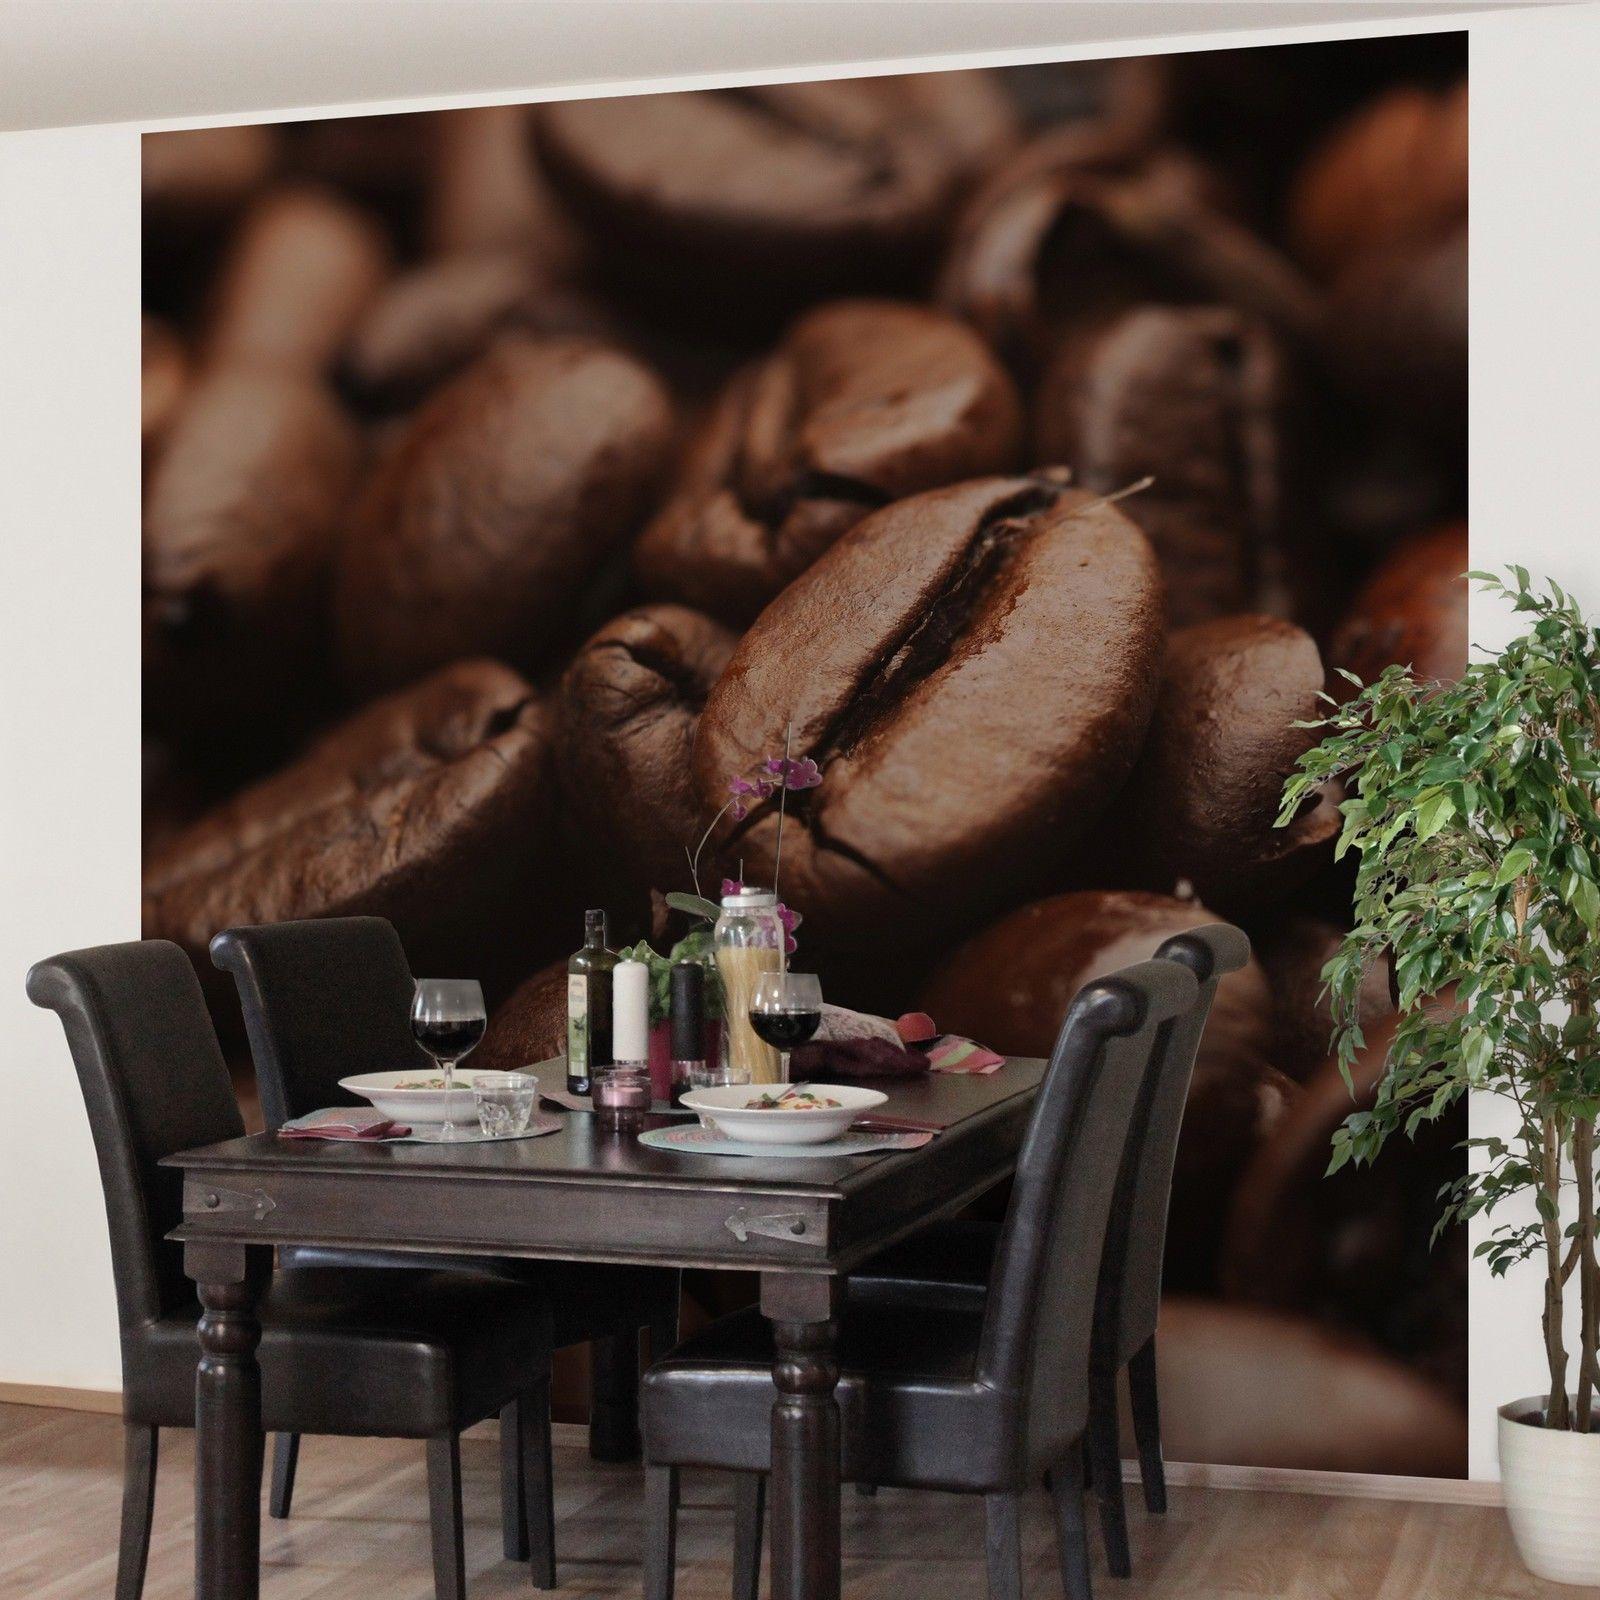 Vliestapete Küchentapeten Arabica Coffee IV   Fototapete Quadrat Vlies  Tapete In Möbel U0026 Wohnen,Dekoration,Bilder U0026 Drucke   EBay